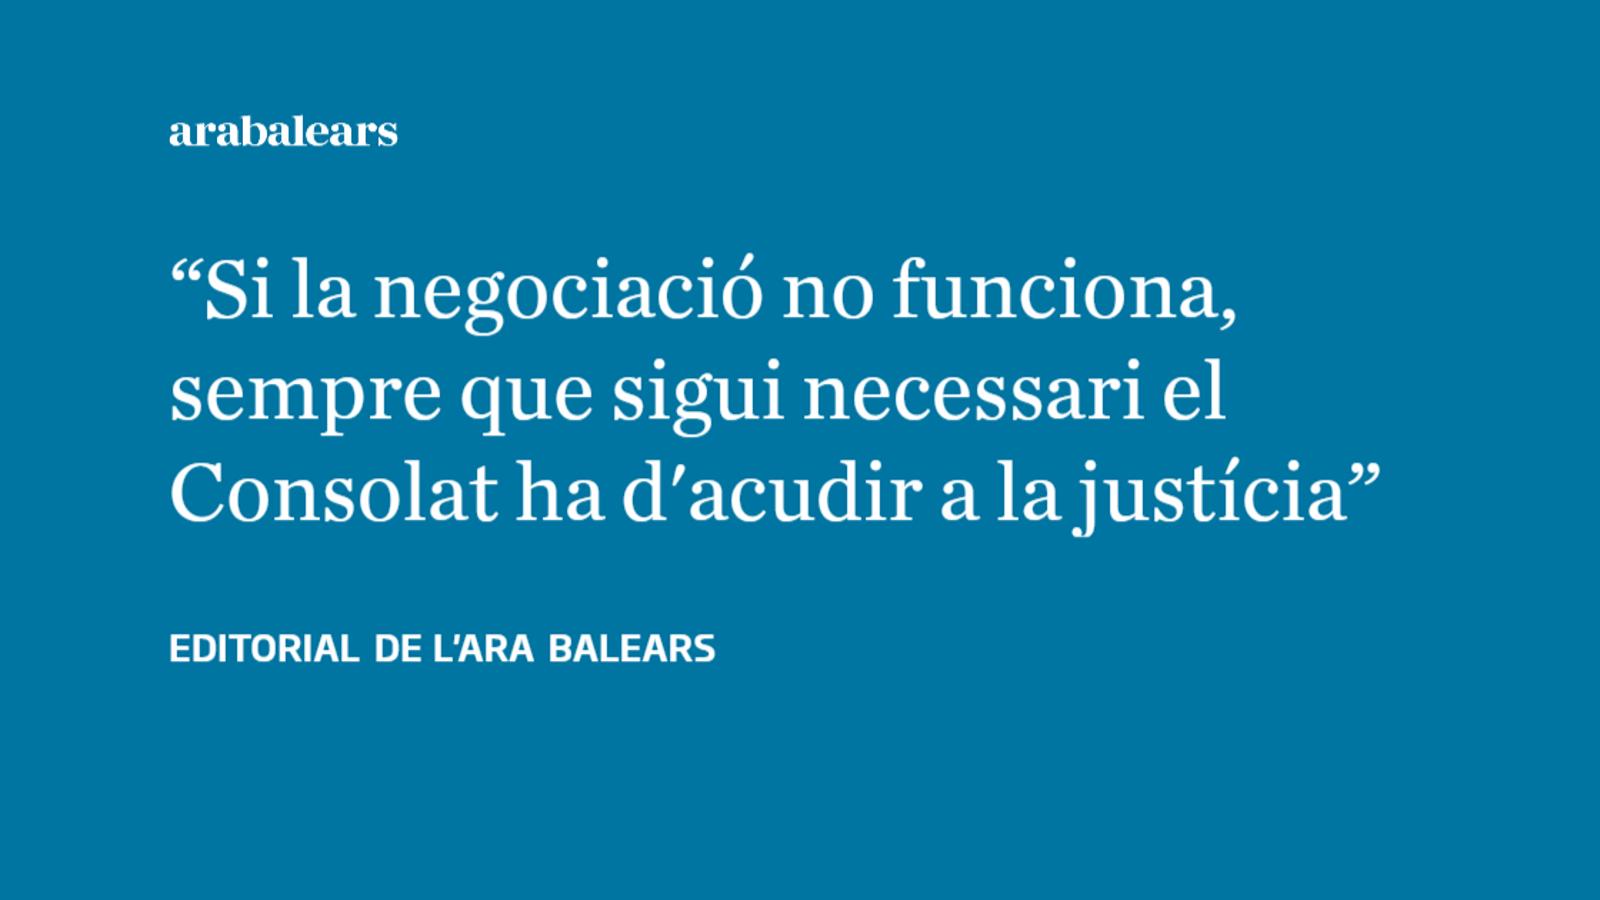 El Govern balear ha de ser capaç de plantar cara quan l'espanyol no compleix